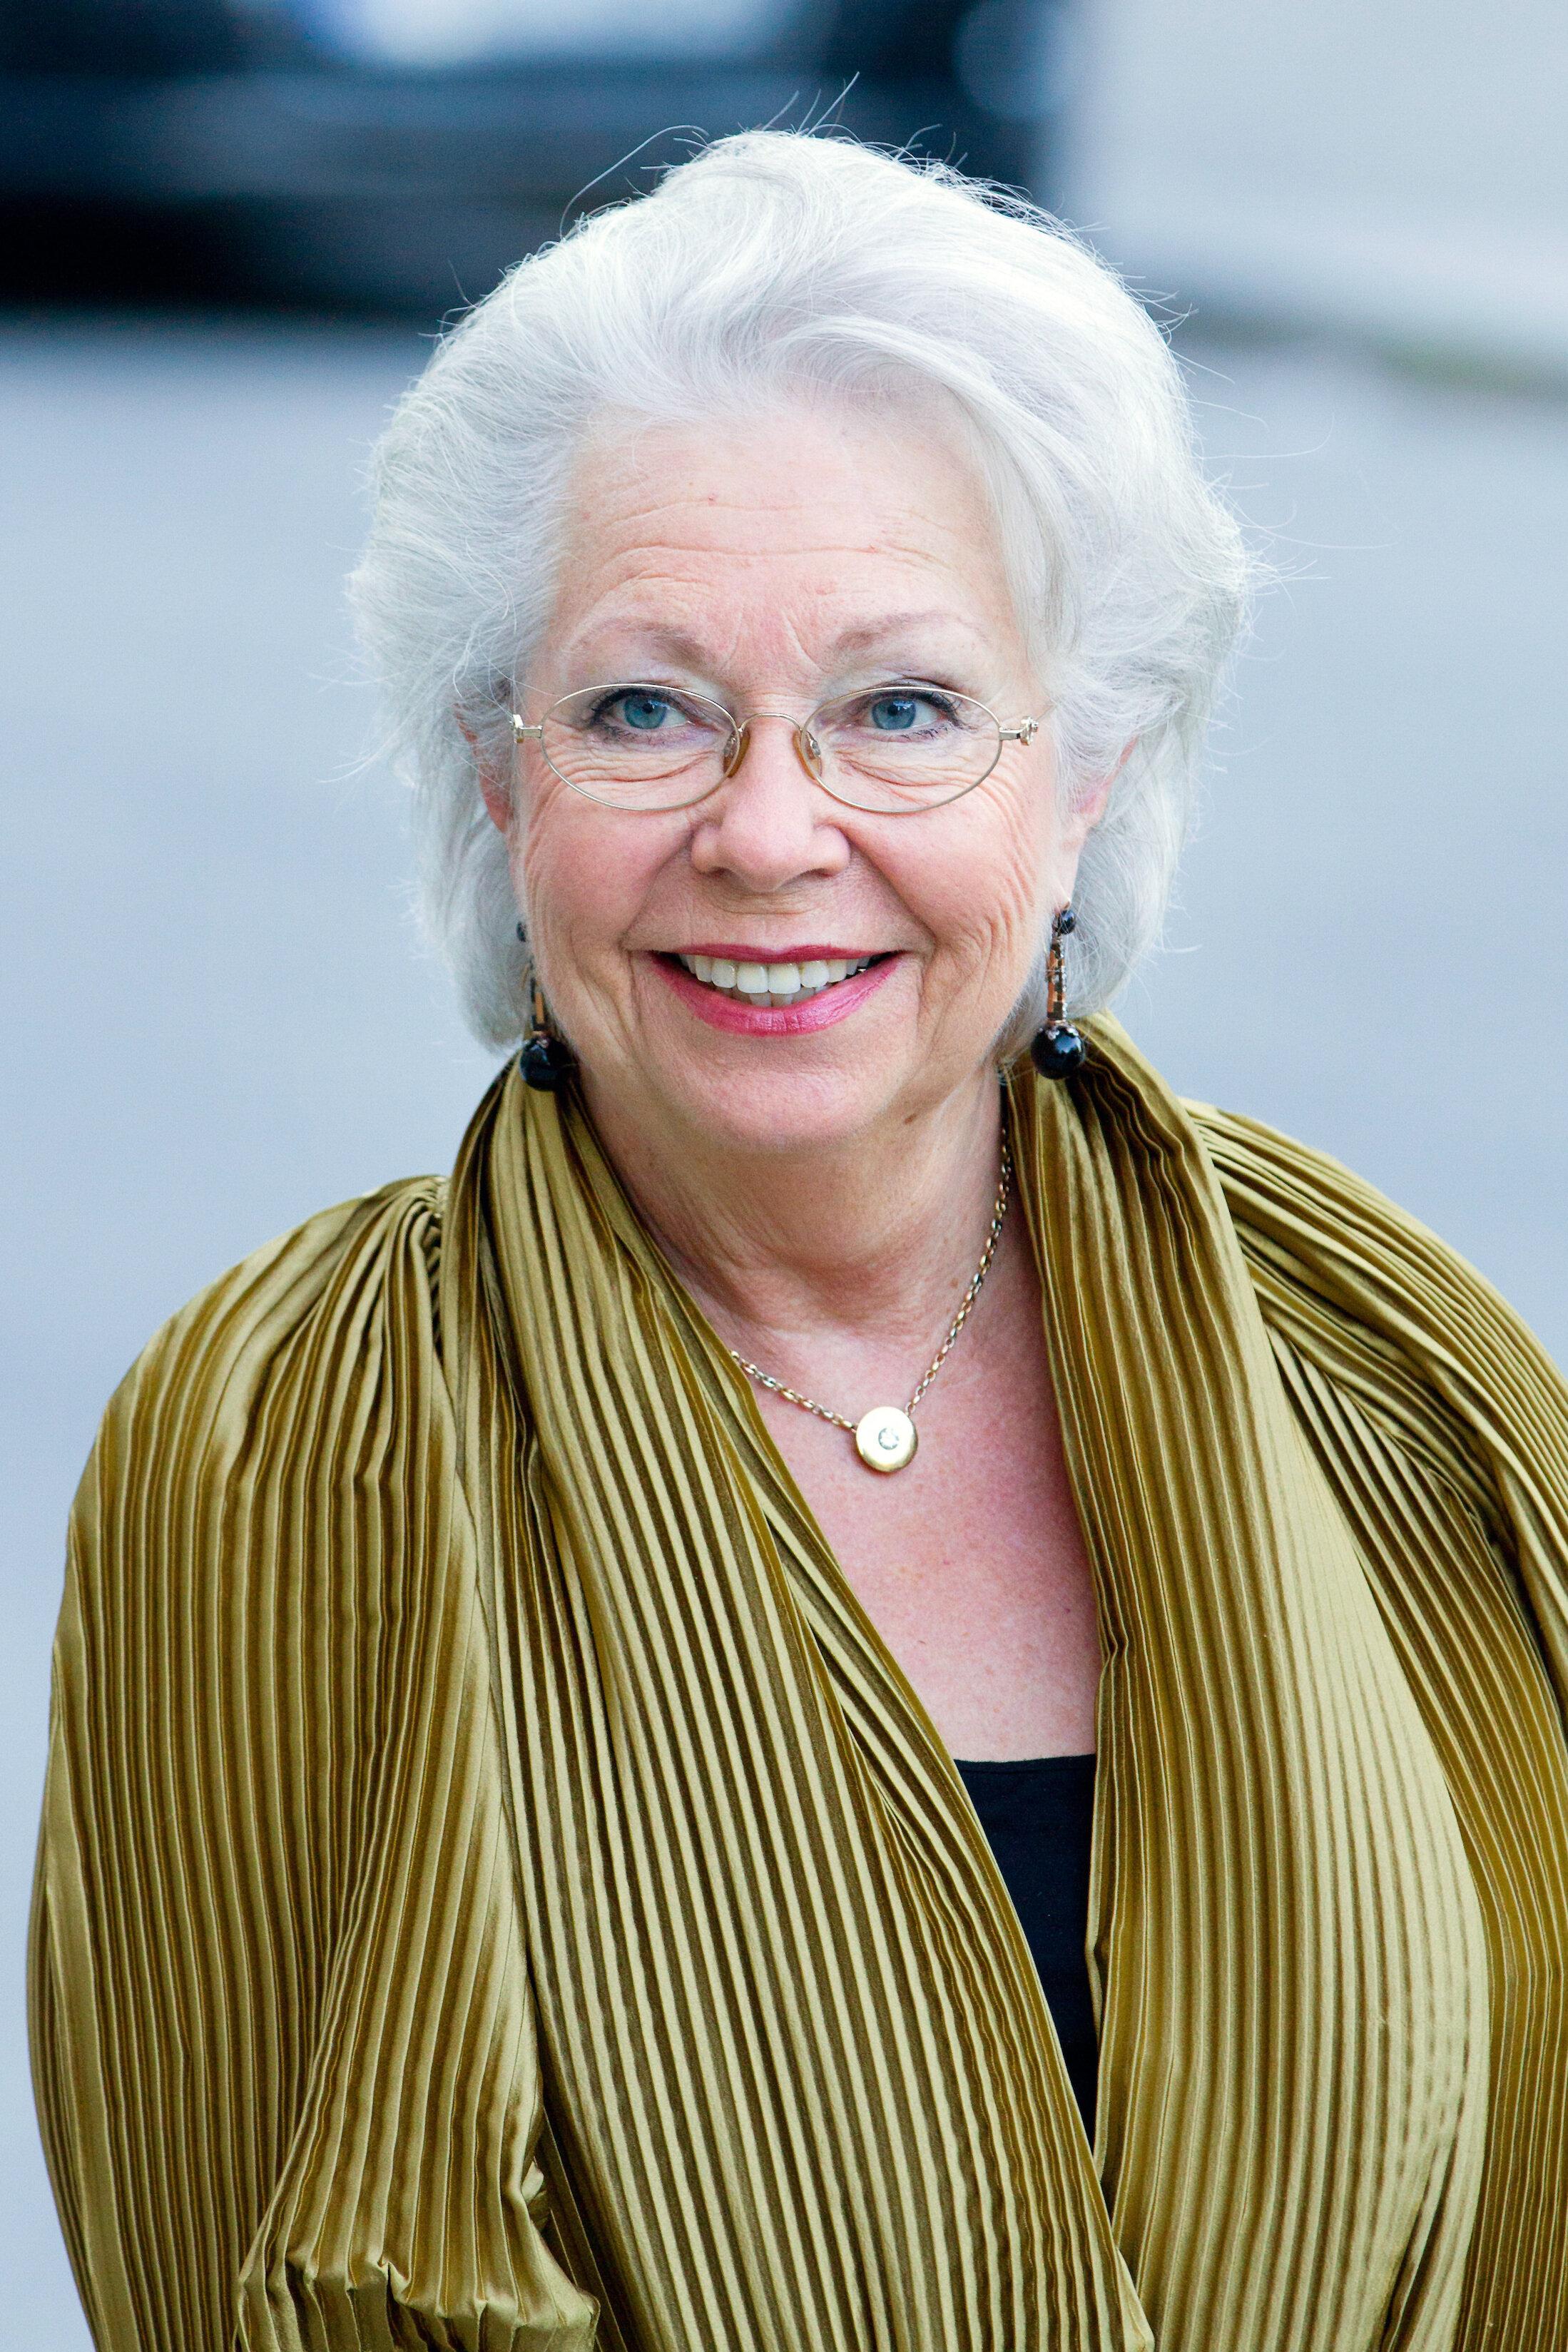 Prinzessin Christina hat nun ein Buch über ihre jung verstorbene Großmutter Kronprinzessin Margaret geschrieben. © dpa